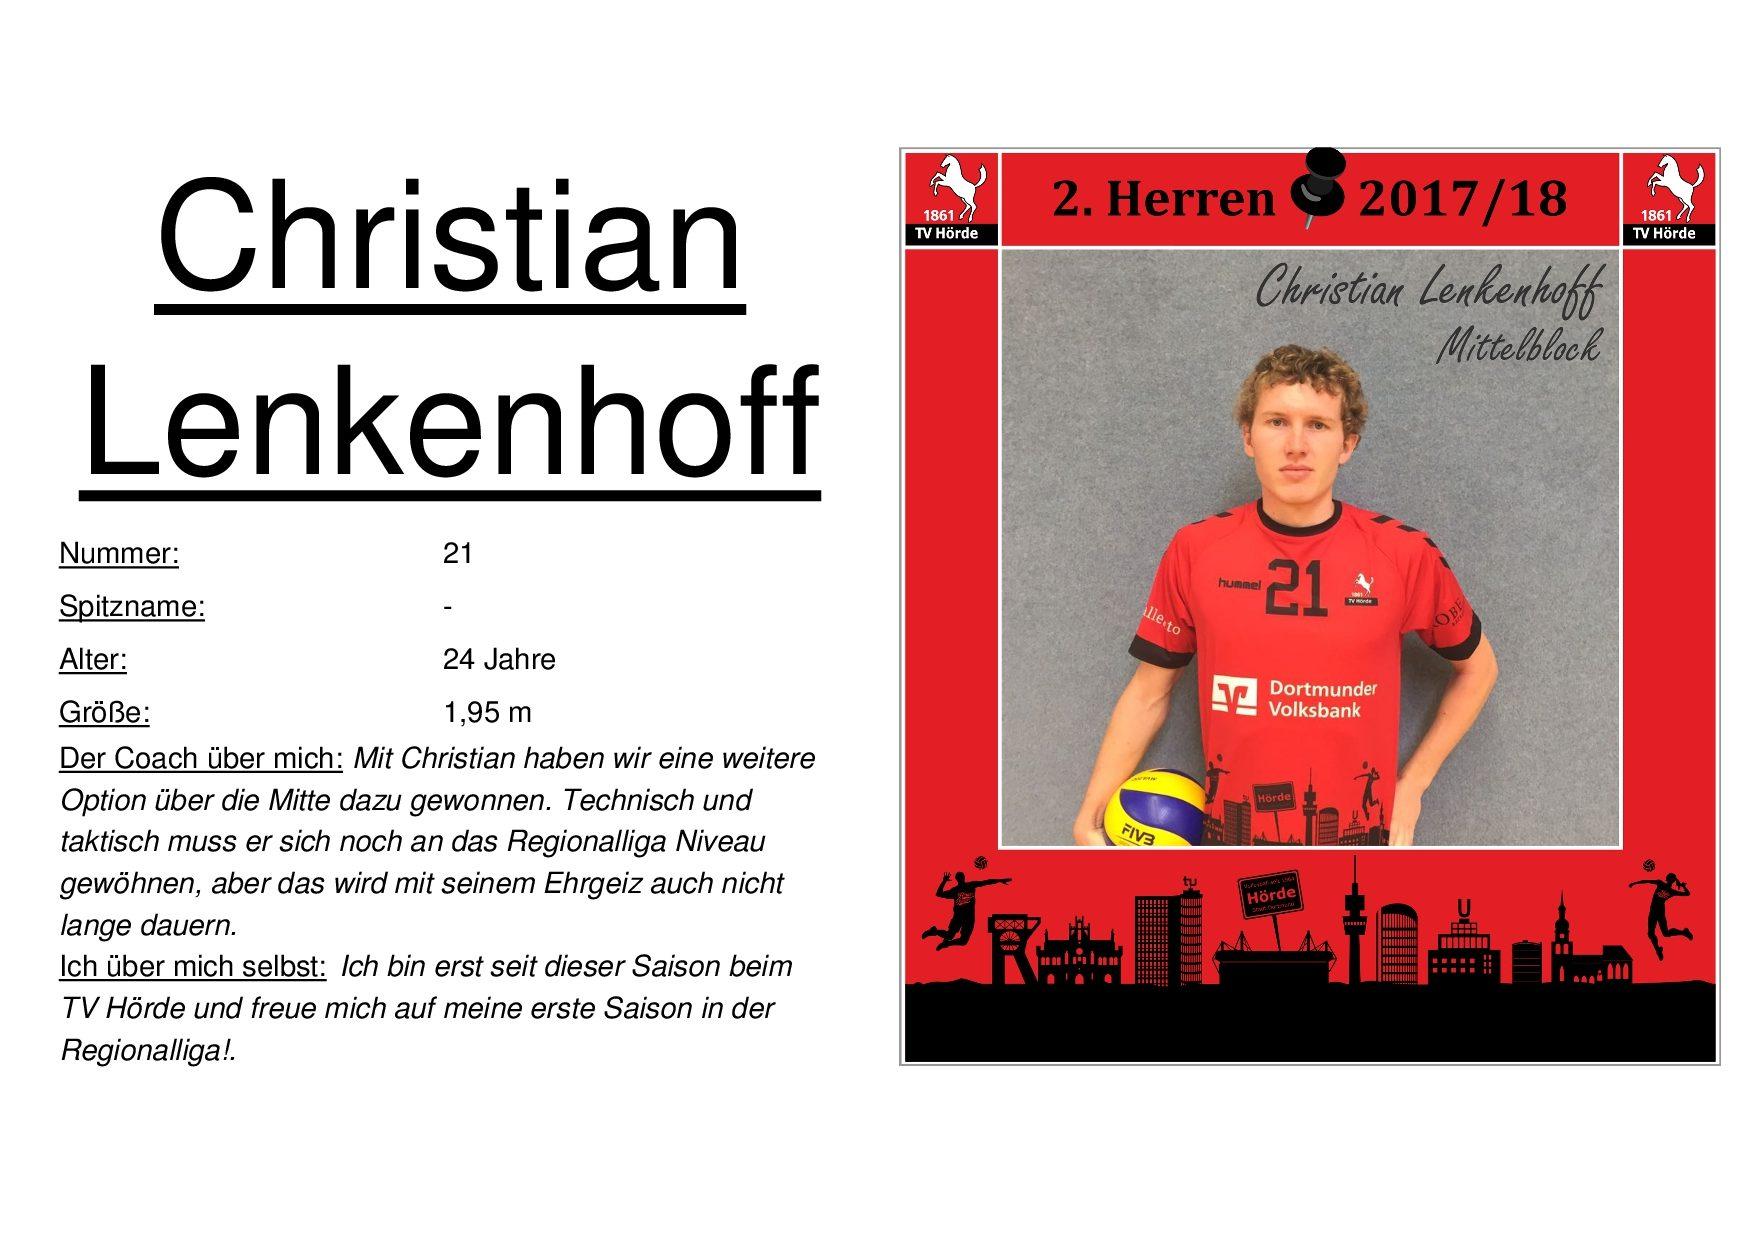 Christian Lenkenhoff